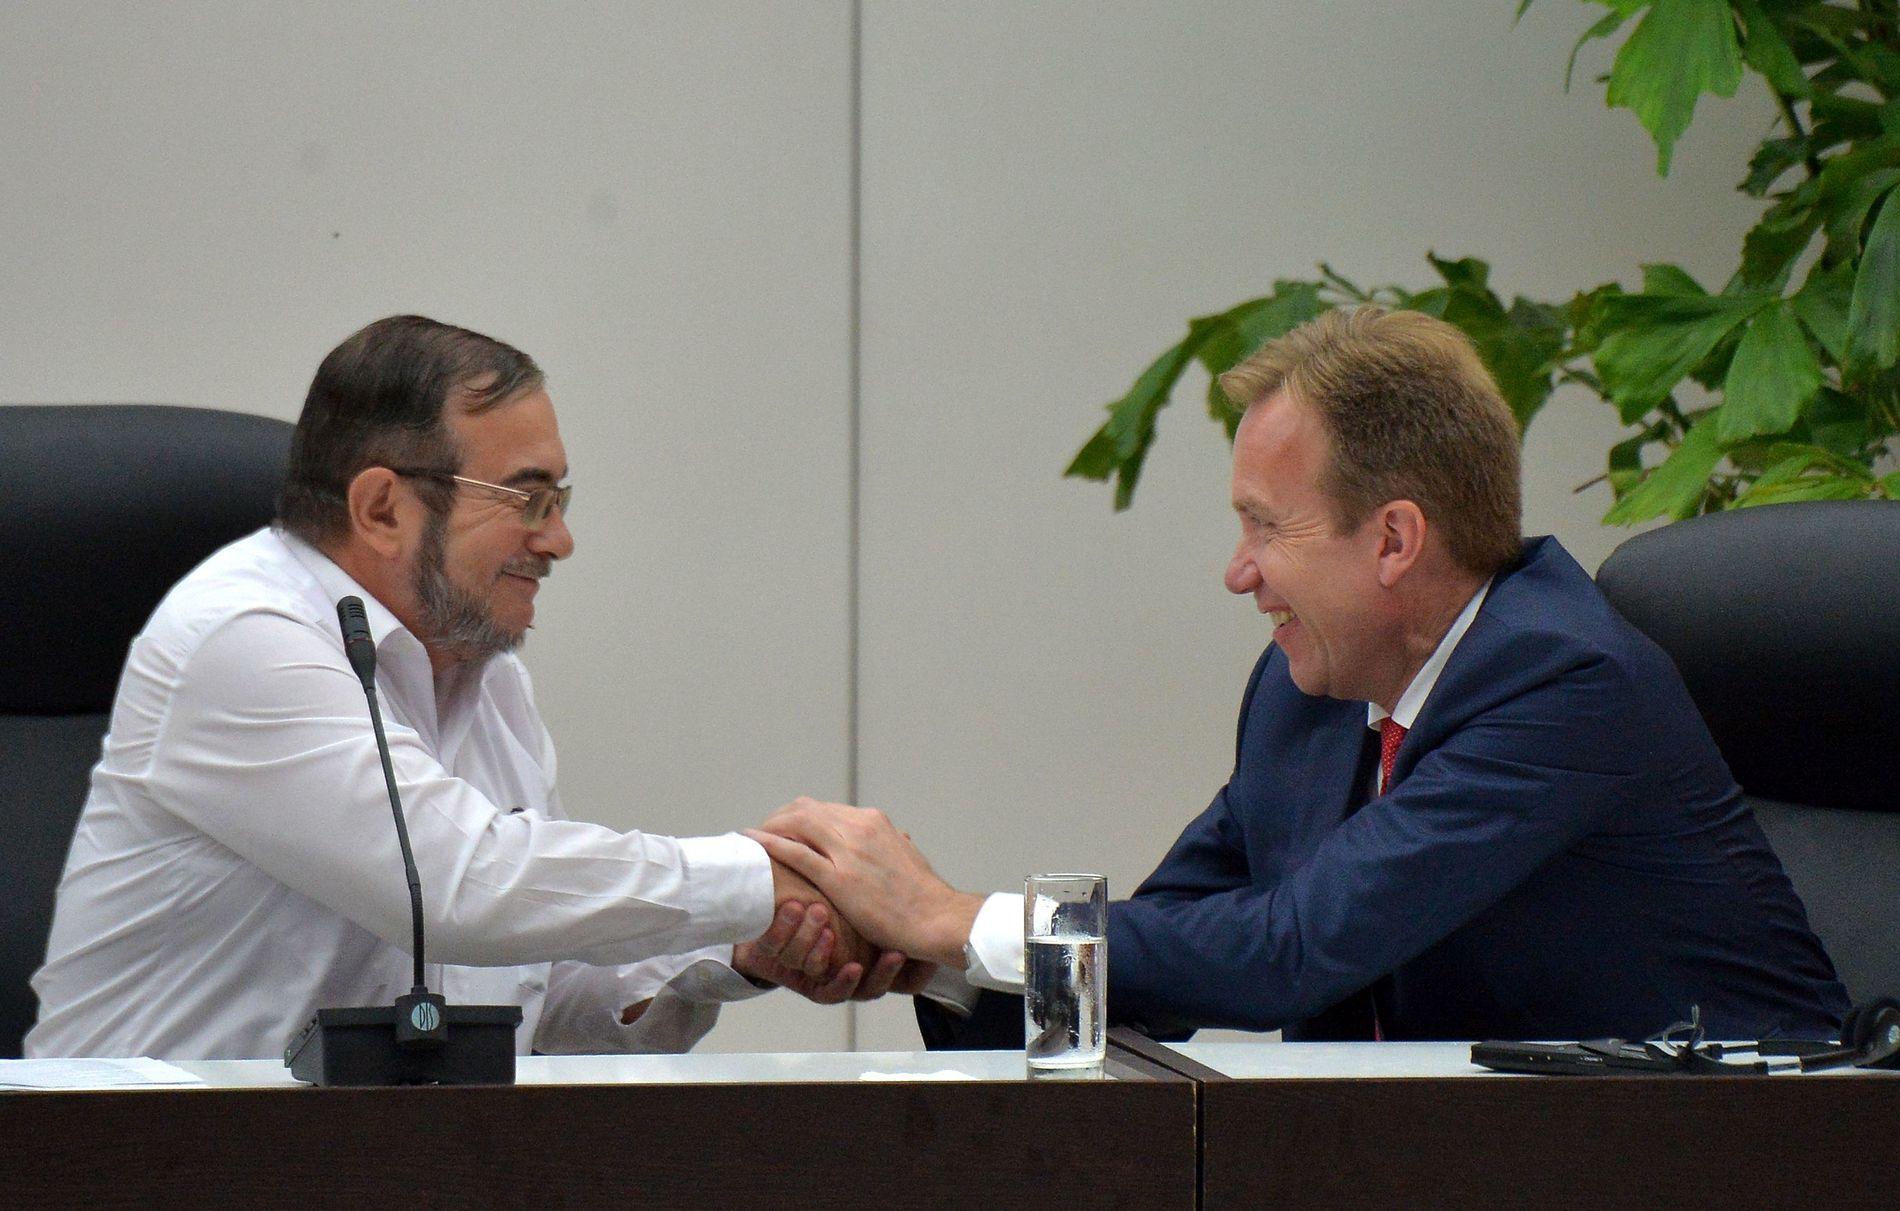 EN HISTORISK AVTALE: Farc-leder Timeleon Jimenez og Børge Brende under signering av våpenhvilen mellom Farc-geriljaen og Colombia i juni.